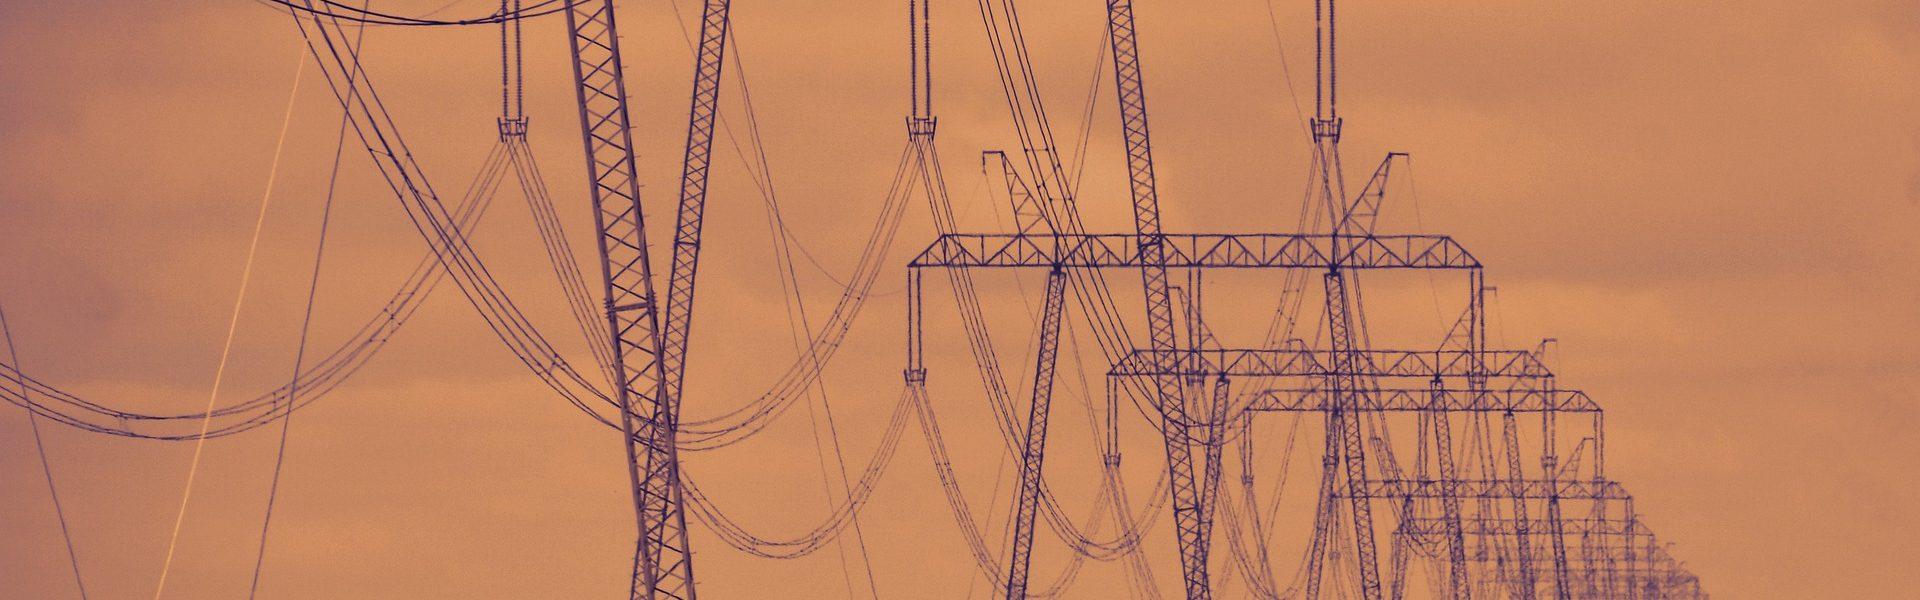 high-voltage-4240551_1920